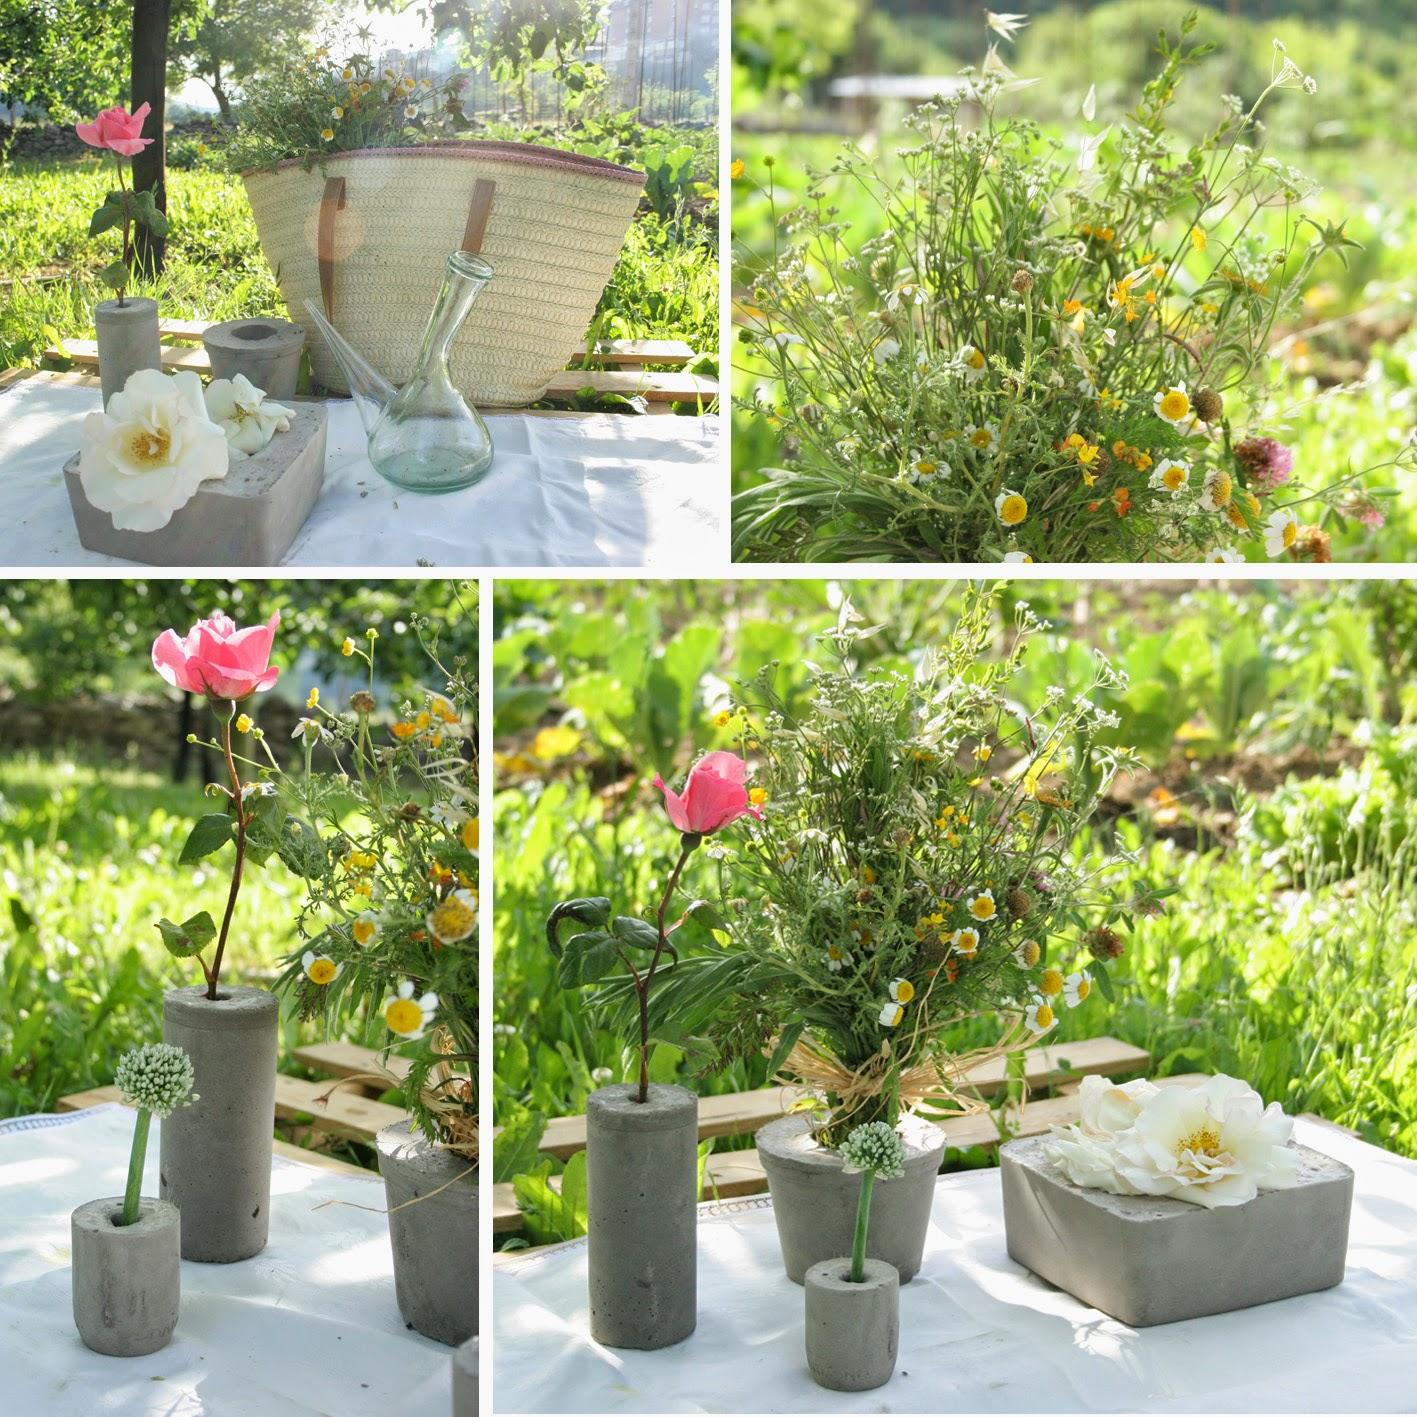 Mi niña decorando la mesa del picnic del huerto con un palet y los diy floreros de cemento2